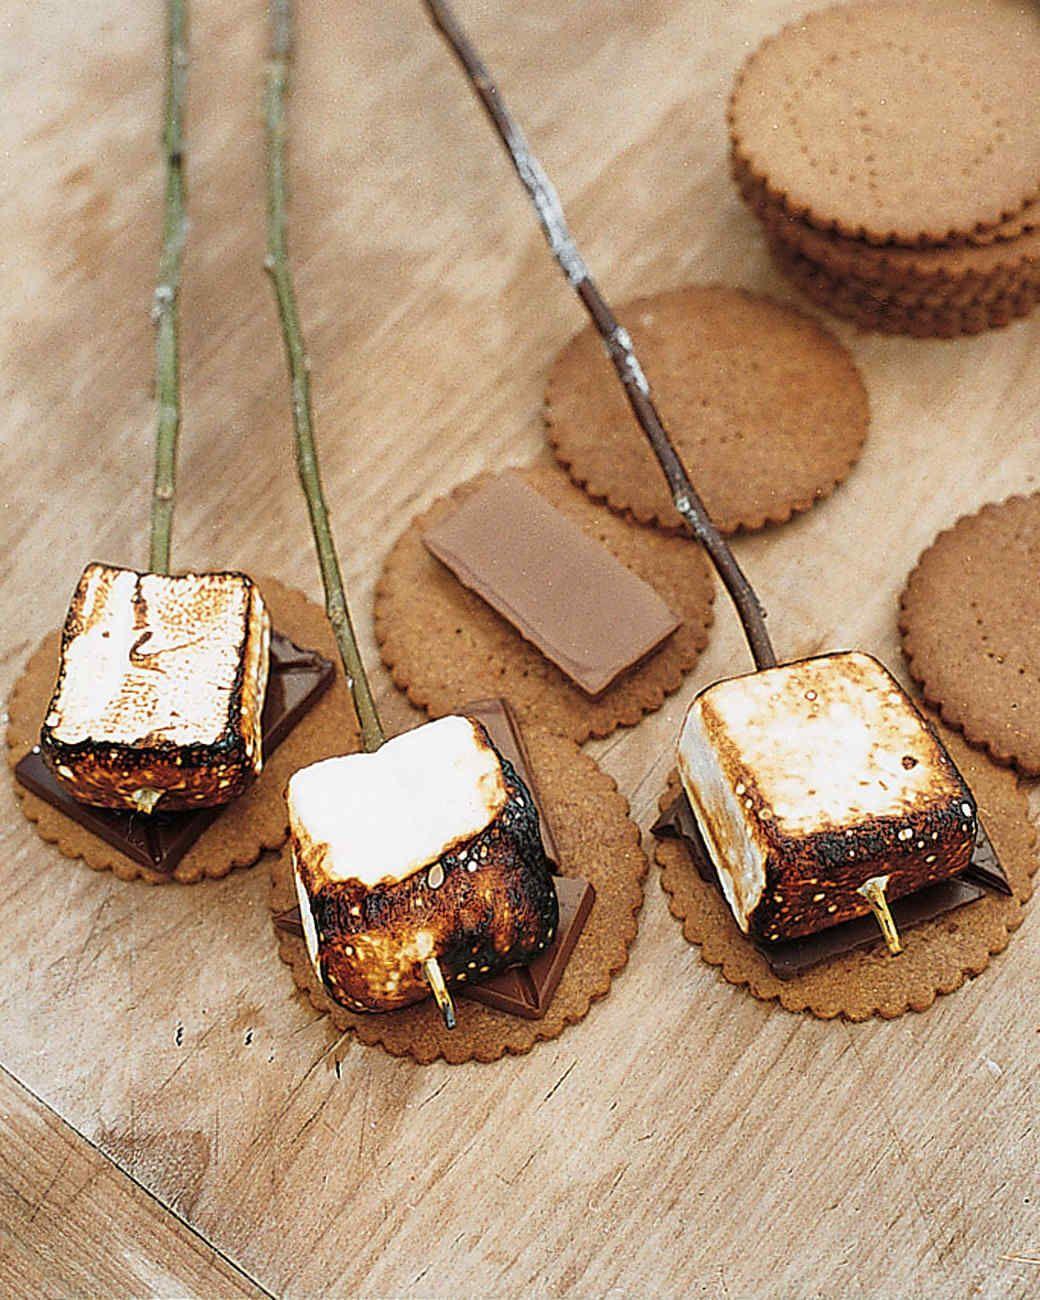 marshmallow selber machen das originelle rezept und noch 20 rezepte lust auf s es. Black Bedroom Furniture Sets. Home Design Ideas